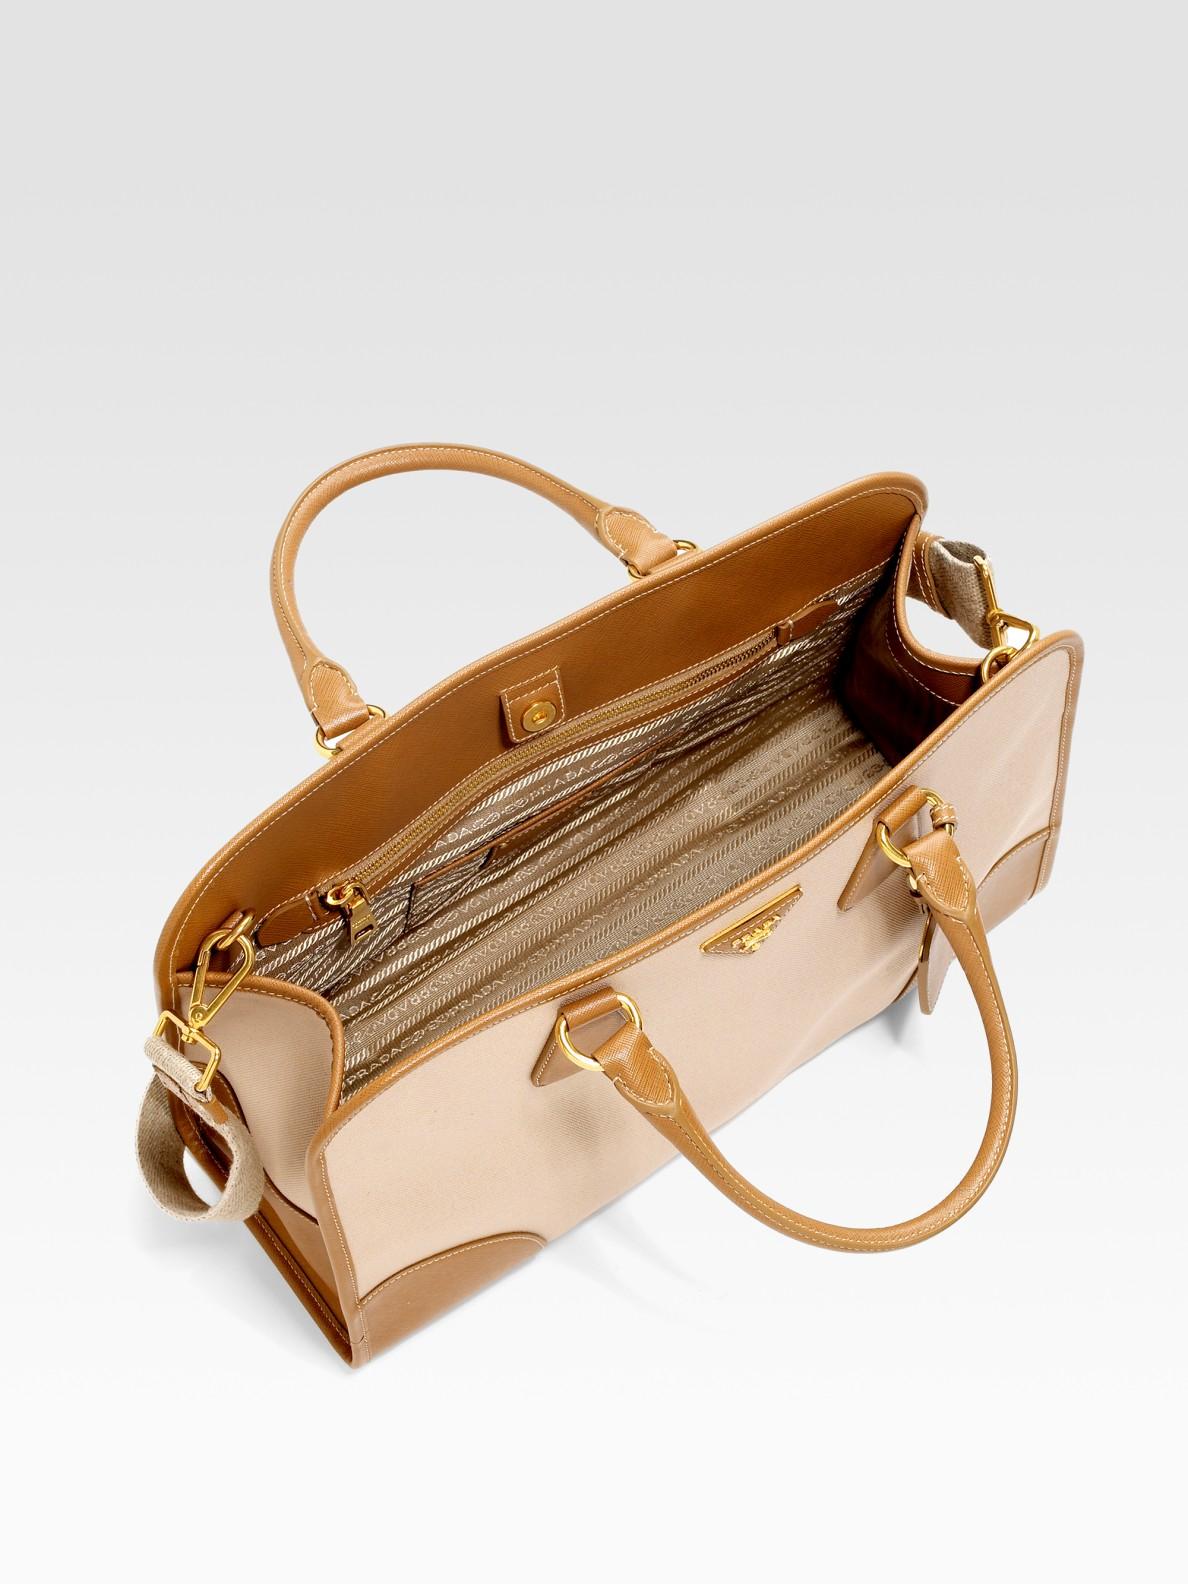 Prada Perforated Sport Bauletto Bag Prada Handbags And Purses